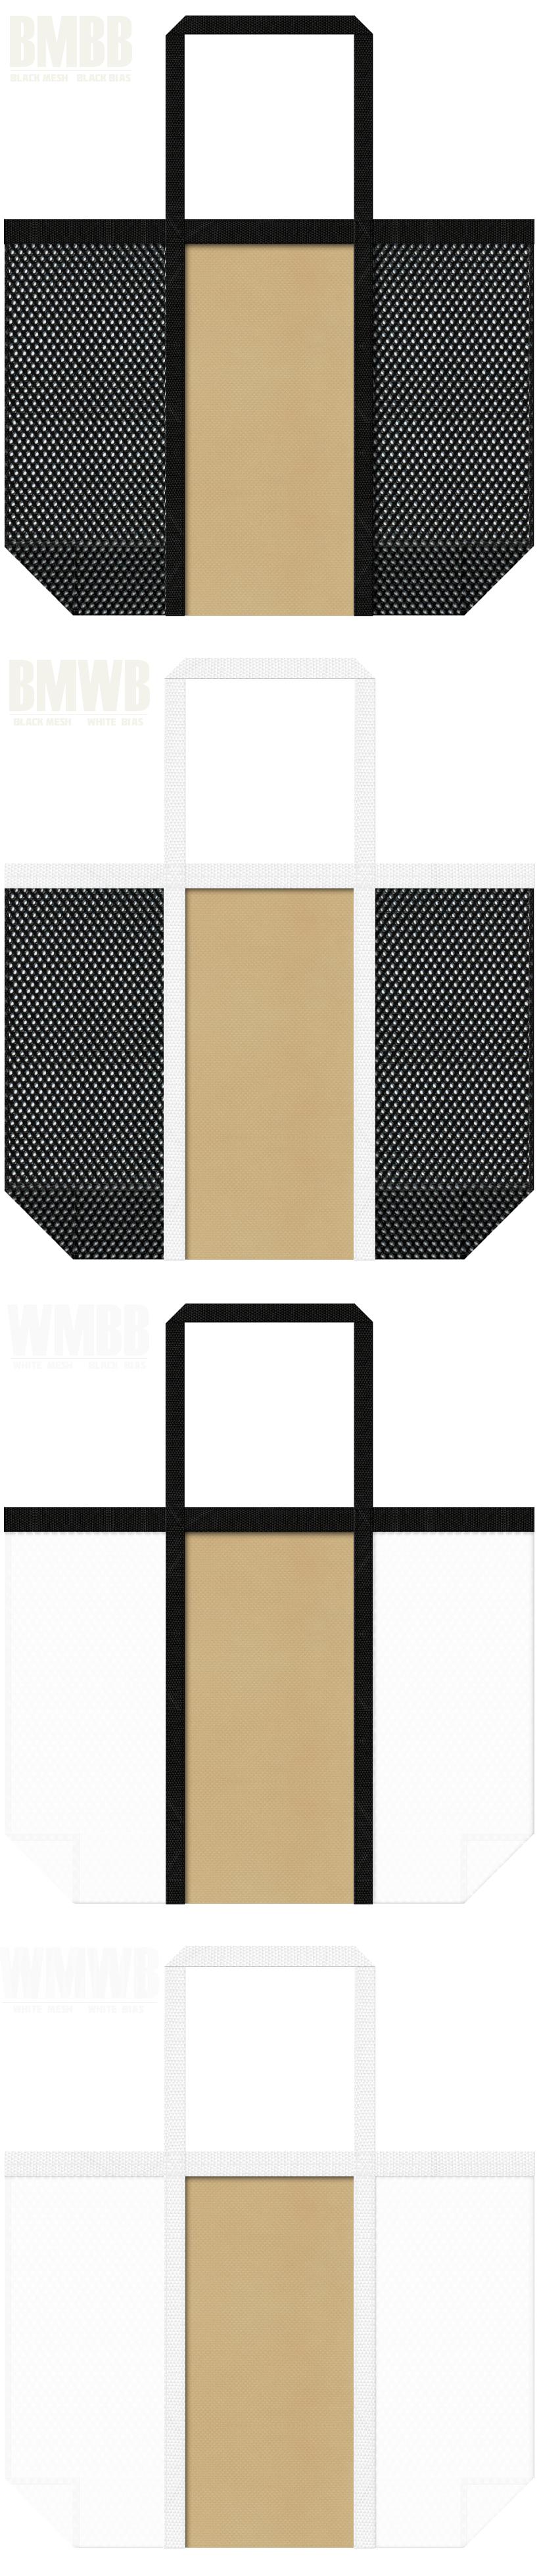 台形型メッシュバッグのカラーシミュレーション:黒色・白色メッシュとカーキ色不織布の組み合わせ